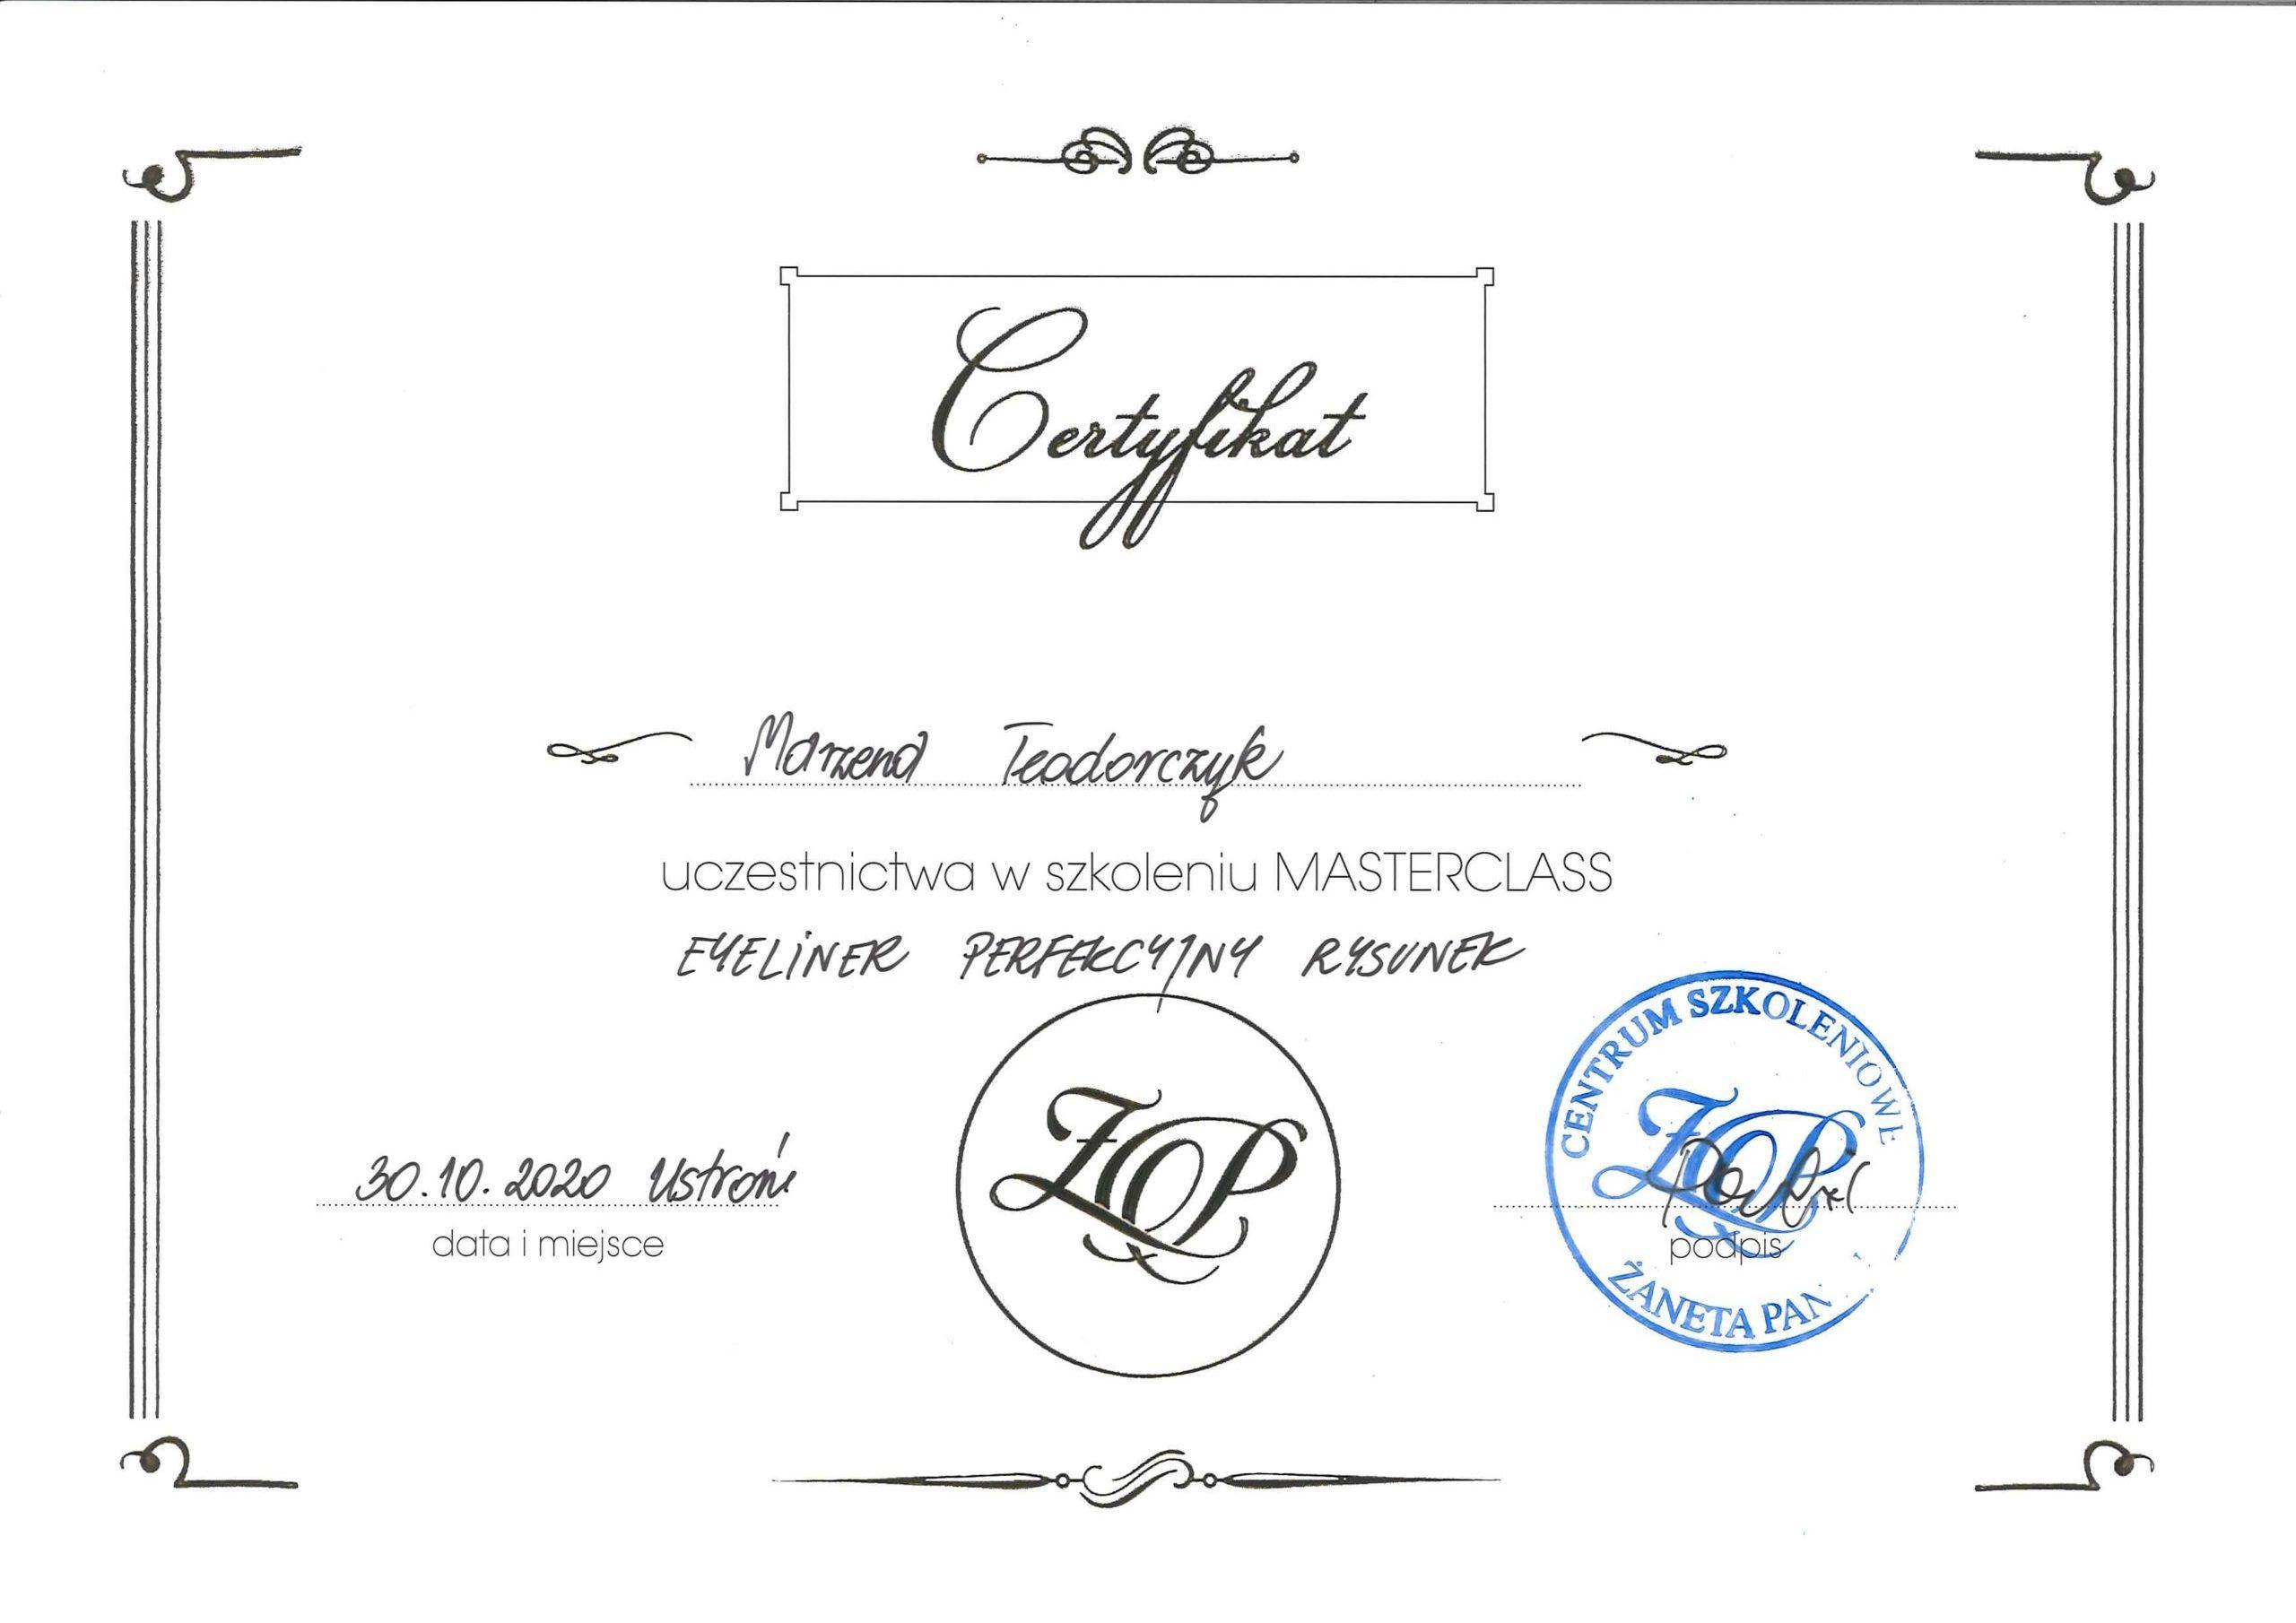 Certyfikat2_Marzena Teodorczyk